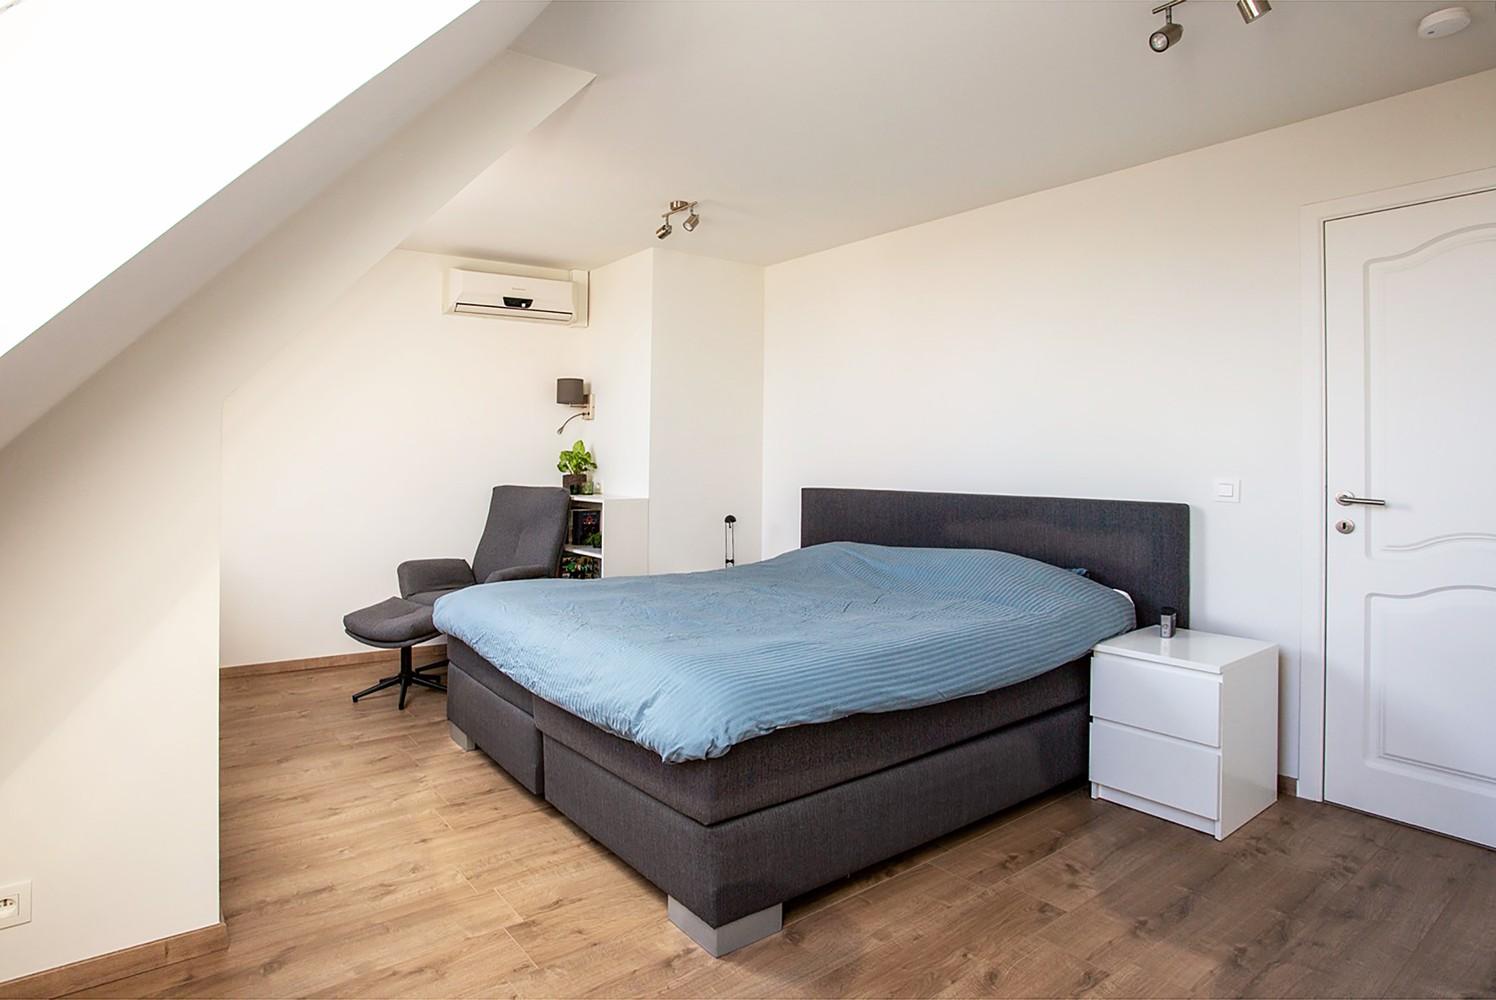 Verrassend ruim, lichtrijk appartement met 3 slaapkamers in hartje Broechem! afbeelding 9